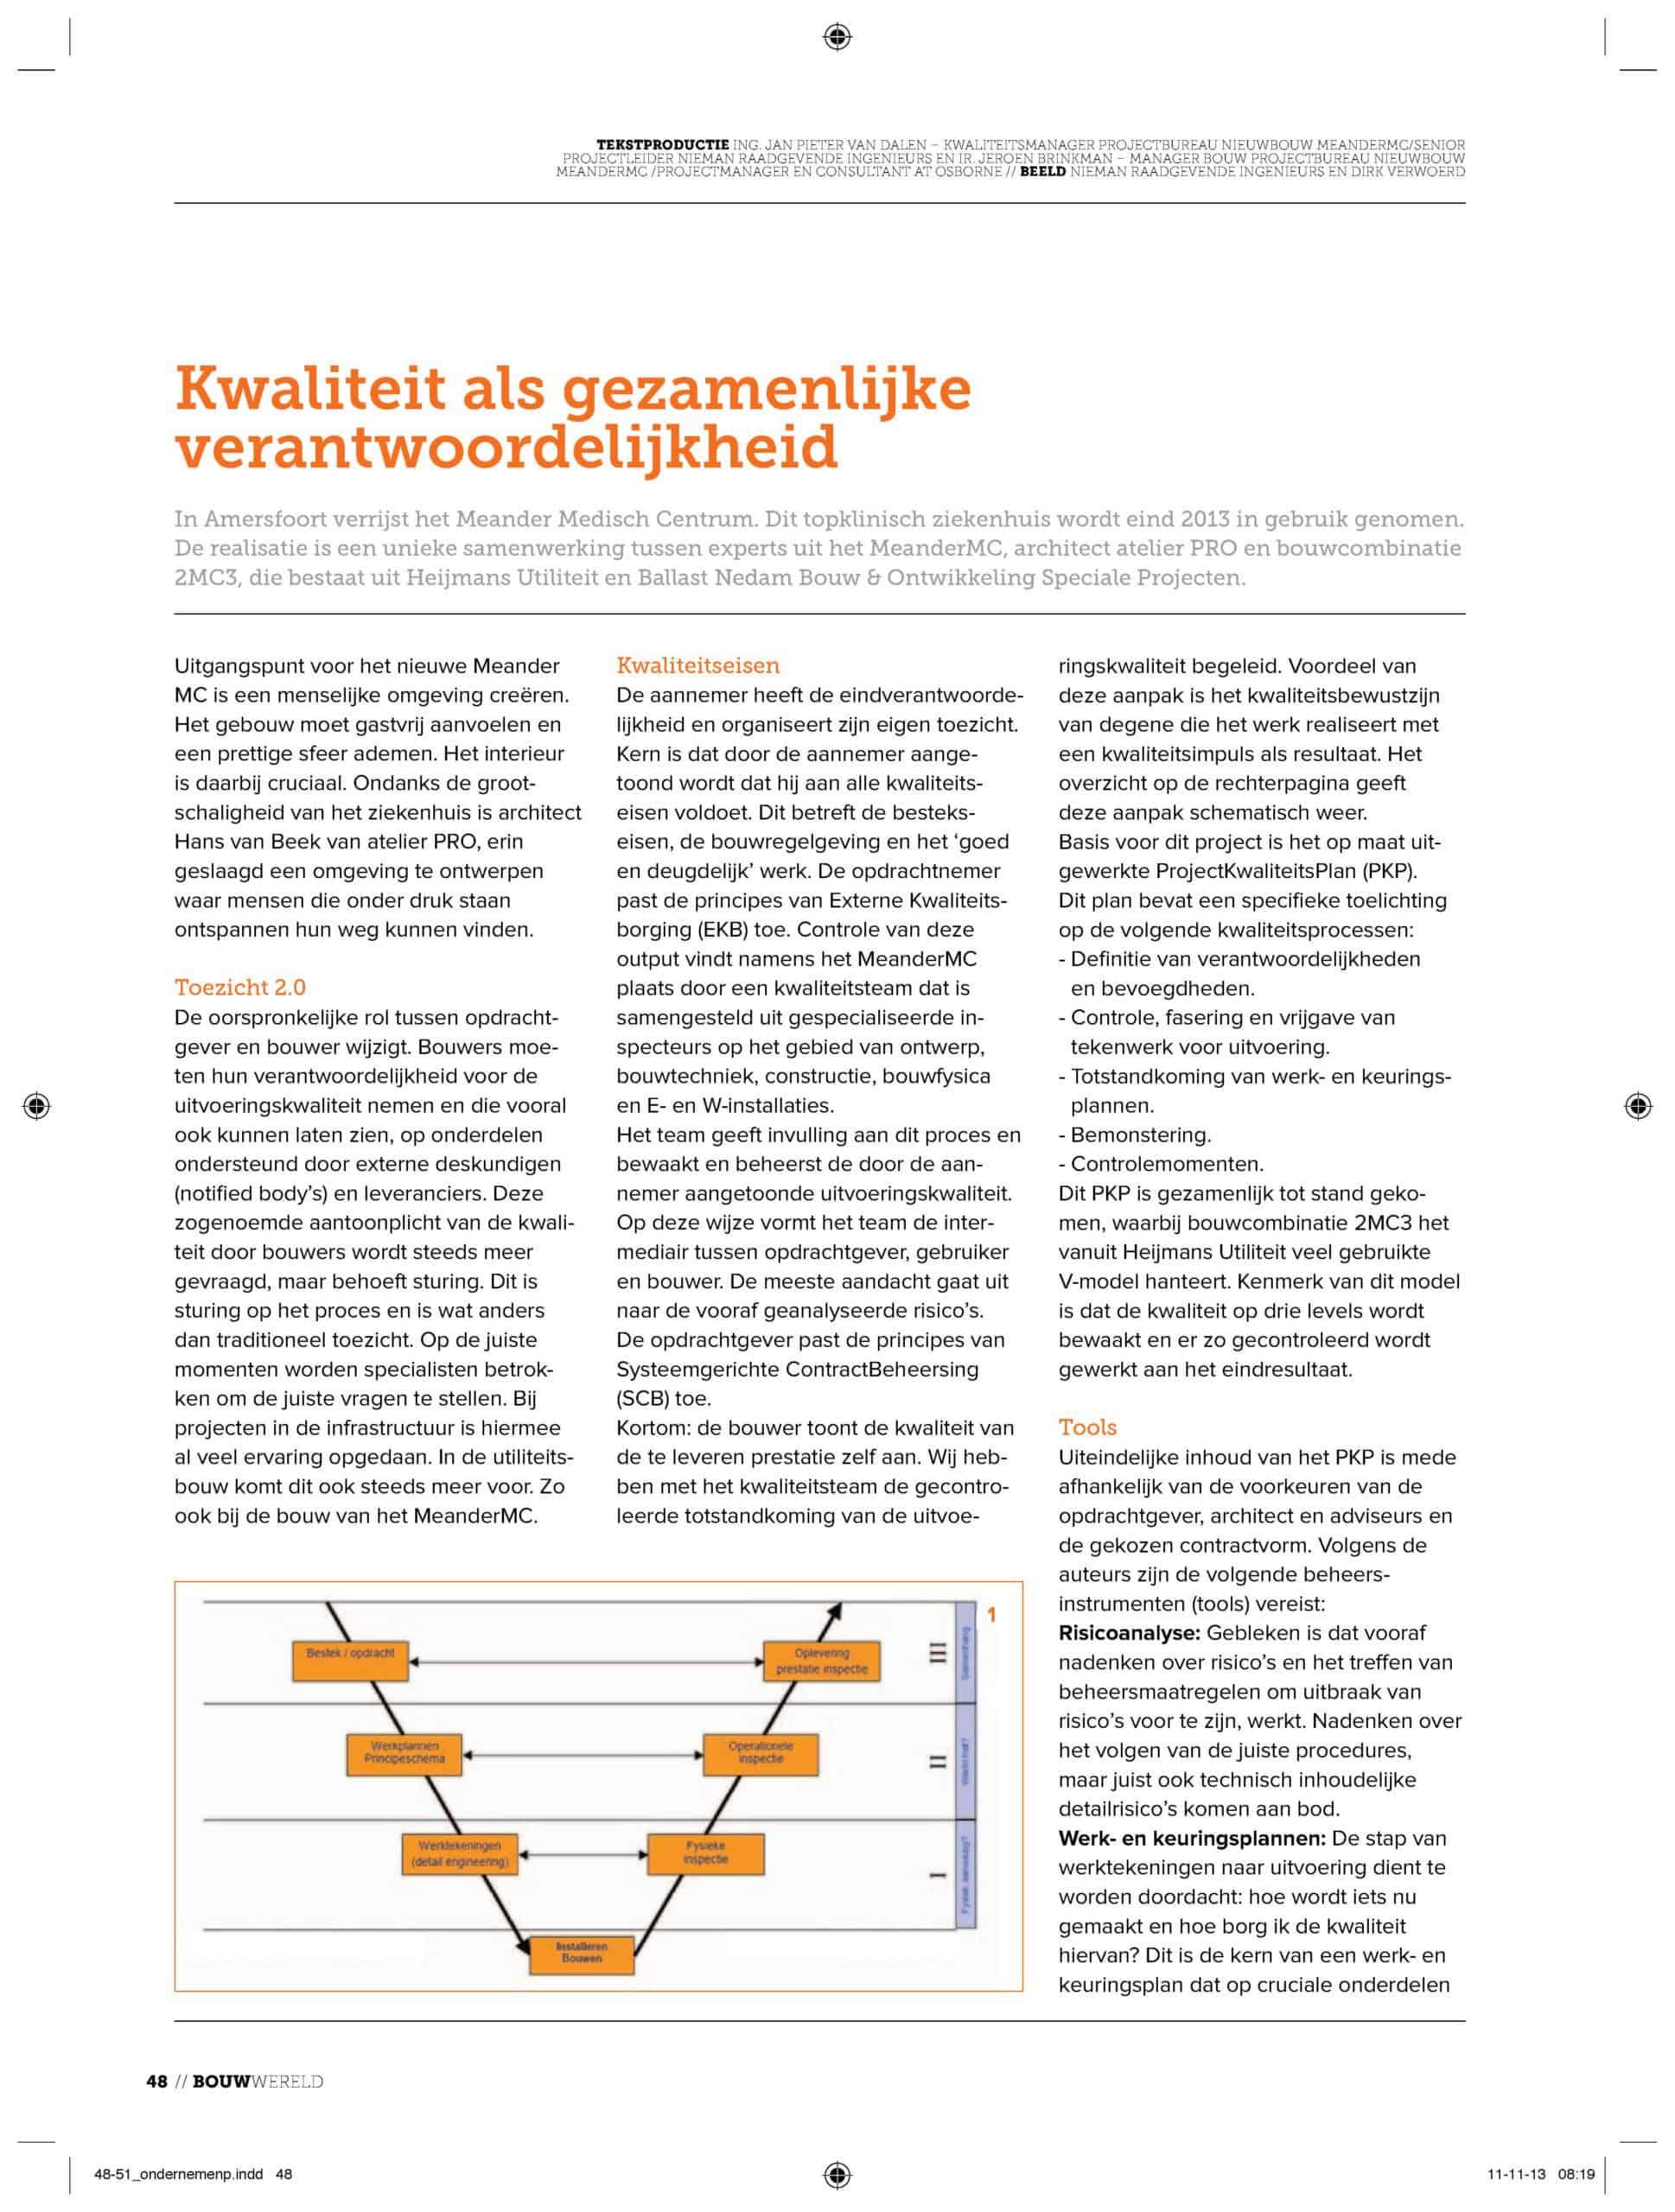 Bouwwereld-11-2013-Kwaliteit-als-gezamenlijke-verantwoordelijkheid_1-1-scaled